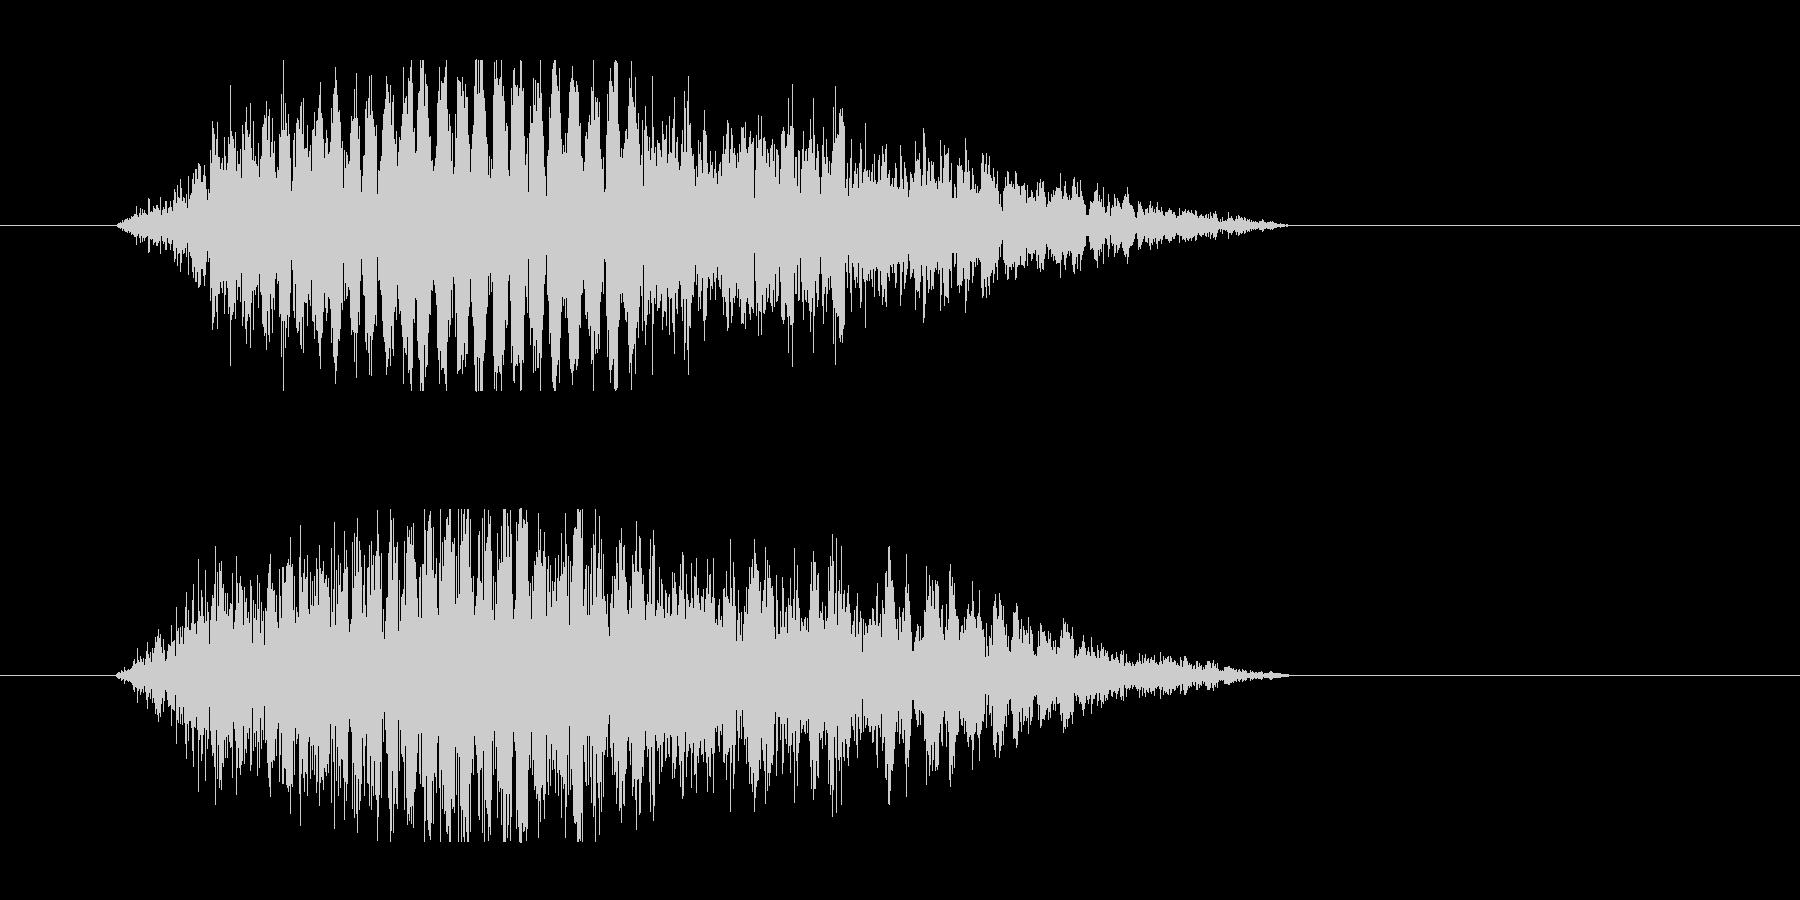 レーザー音-48-3の未再生の波形